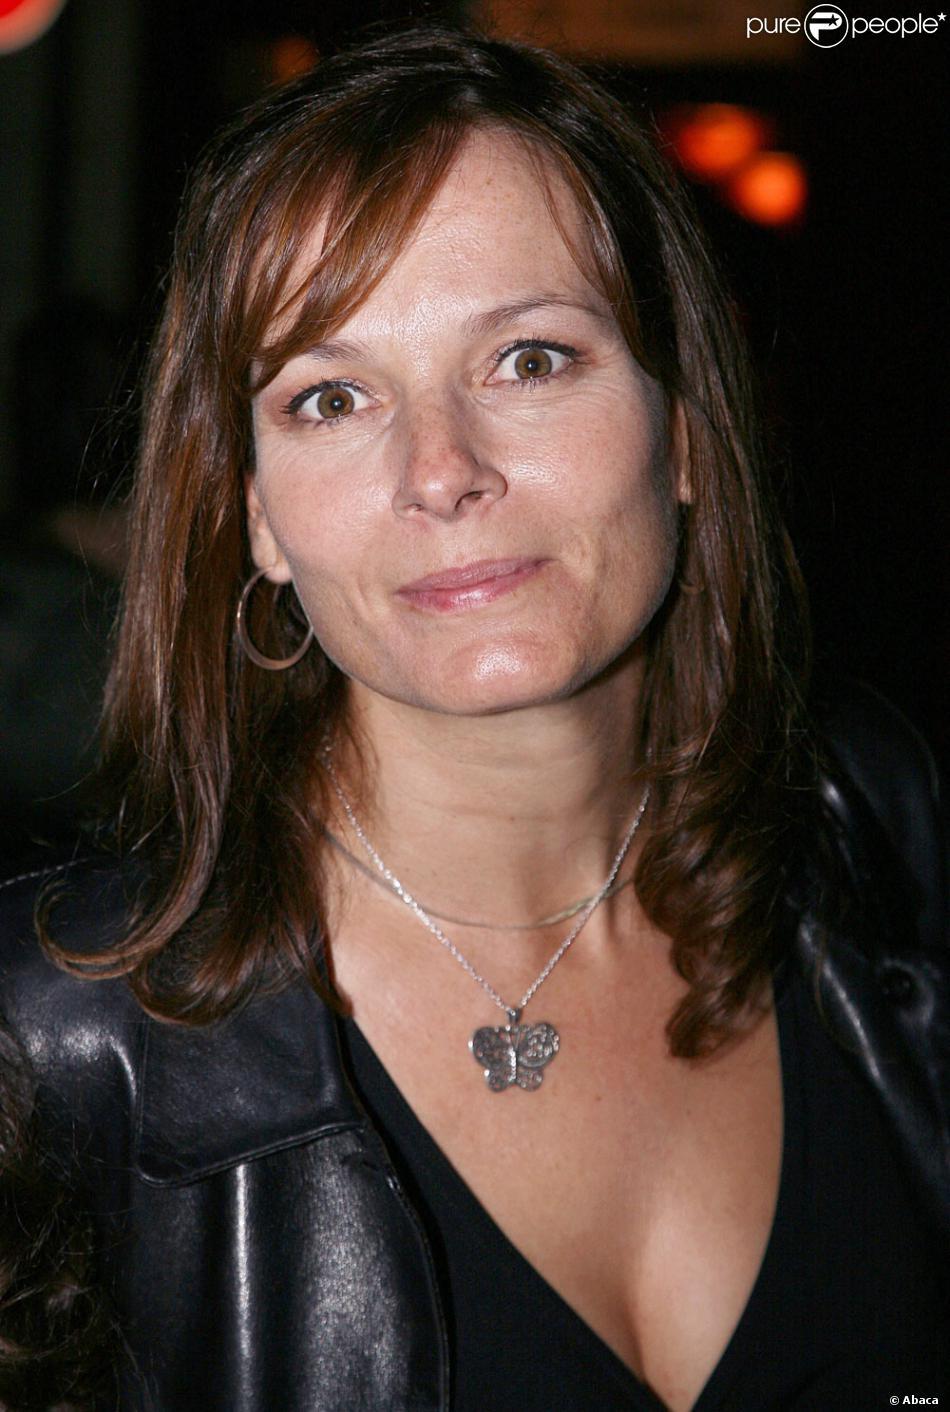 Cecilia Hornus